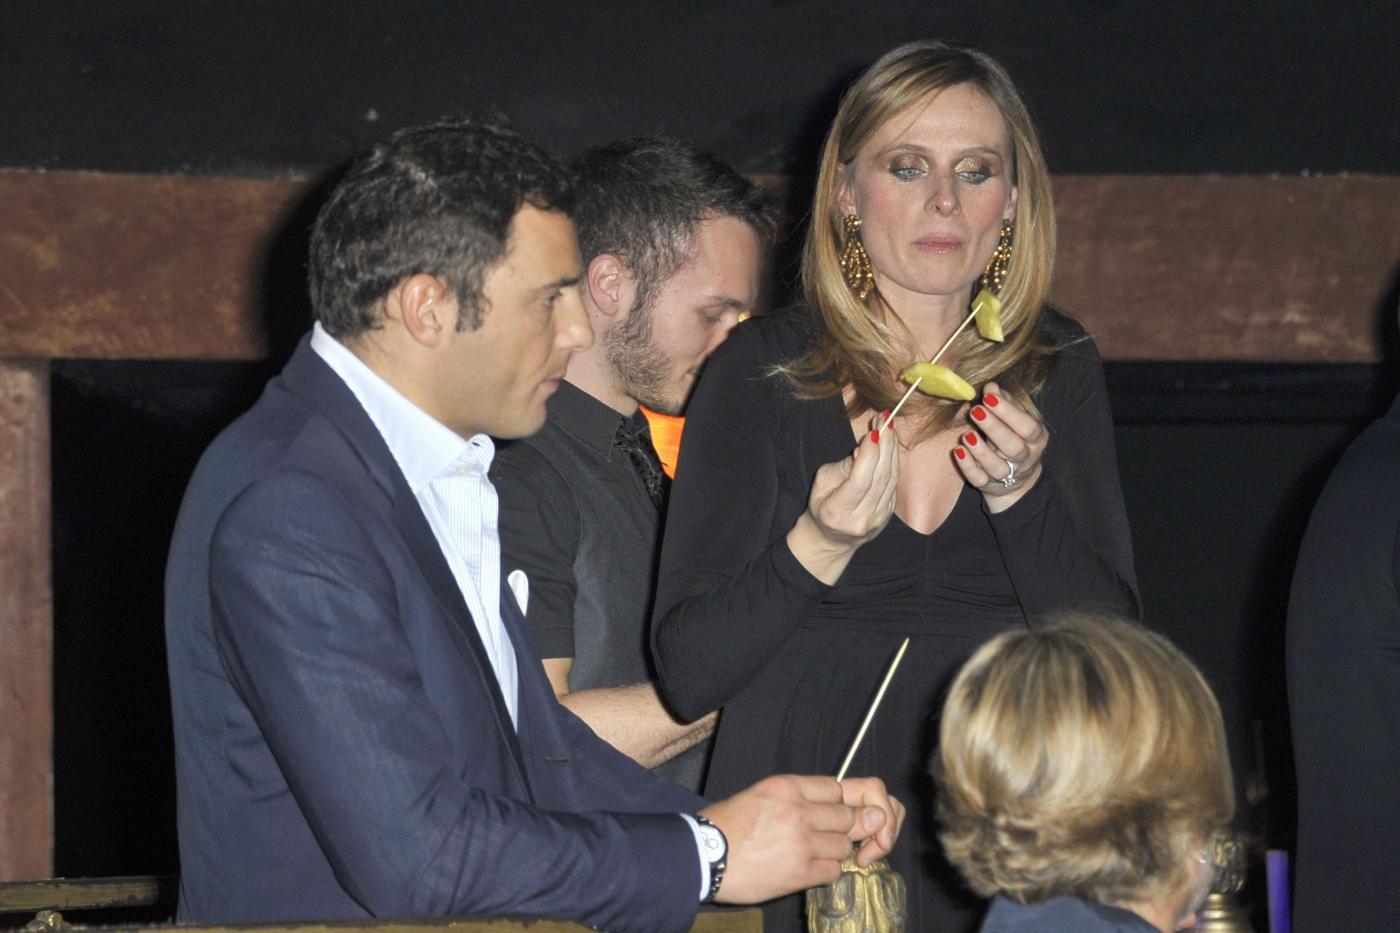 Roma, Compleanno di Paolo Conticini all'Art Cafè di Villa borghese005